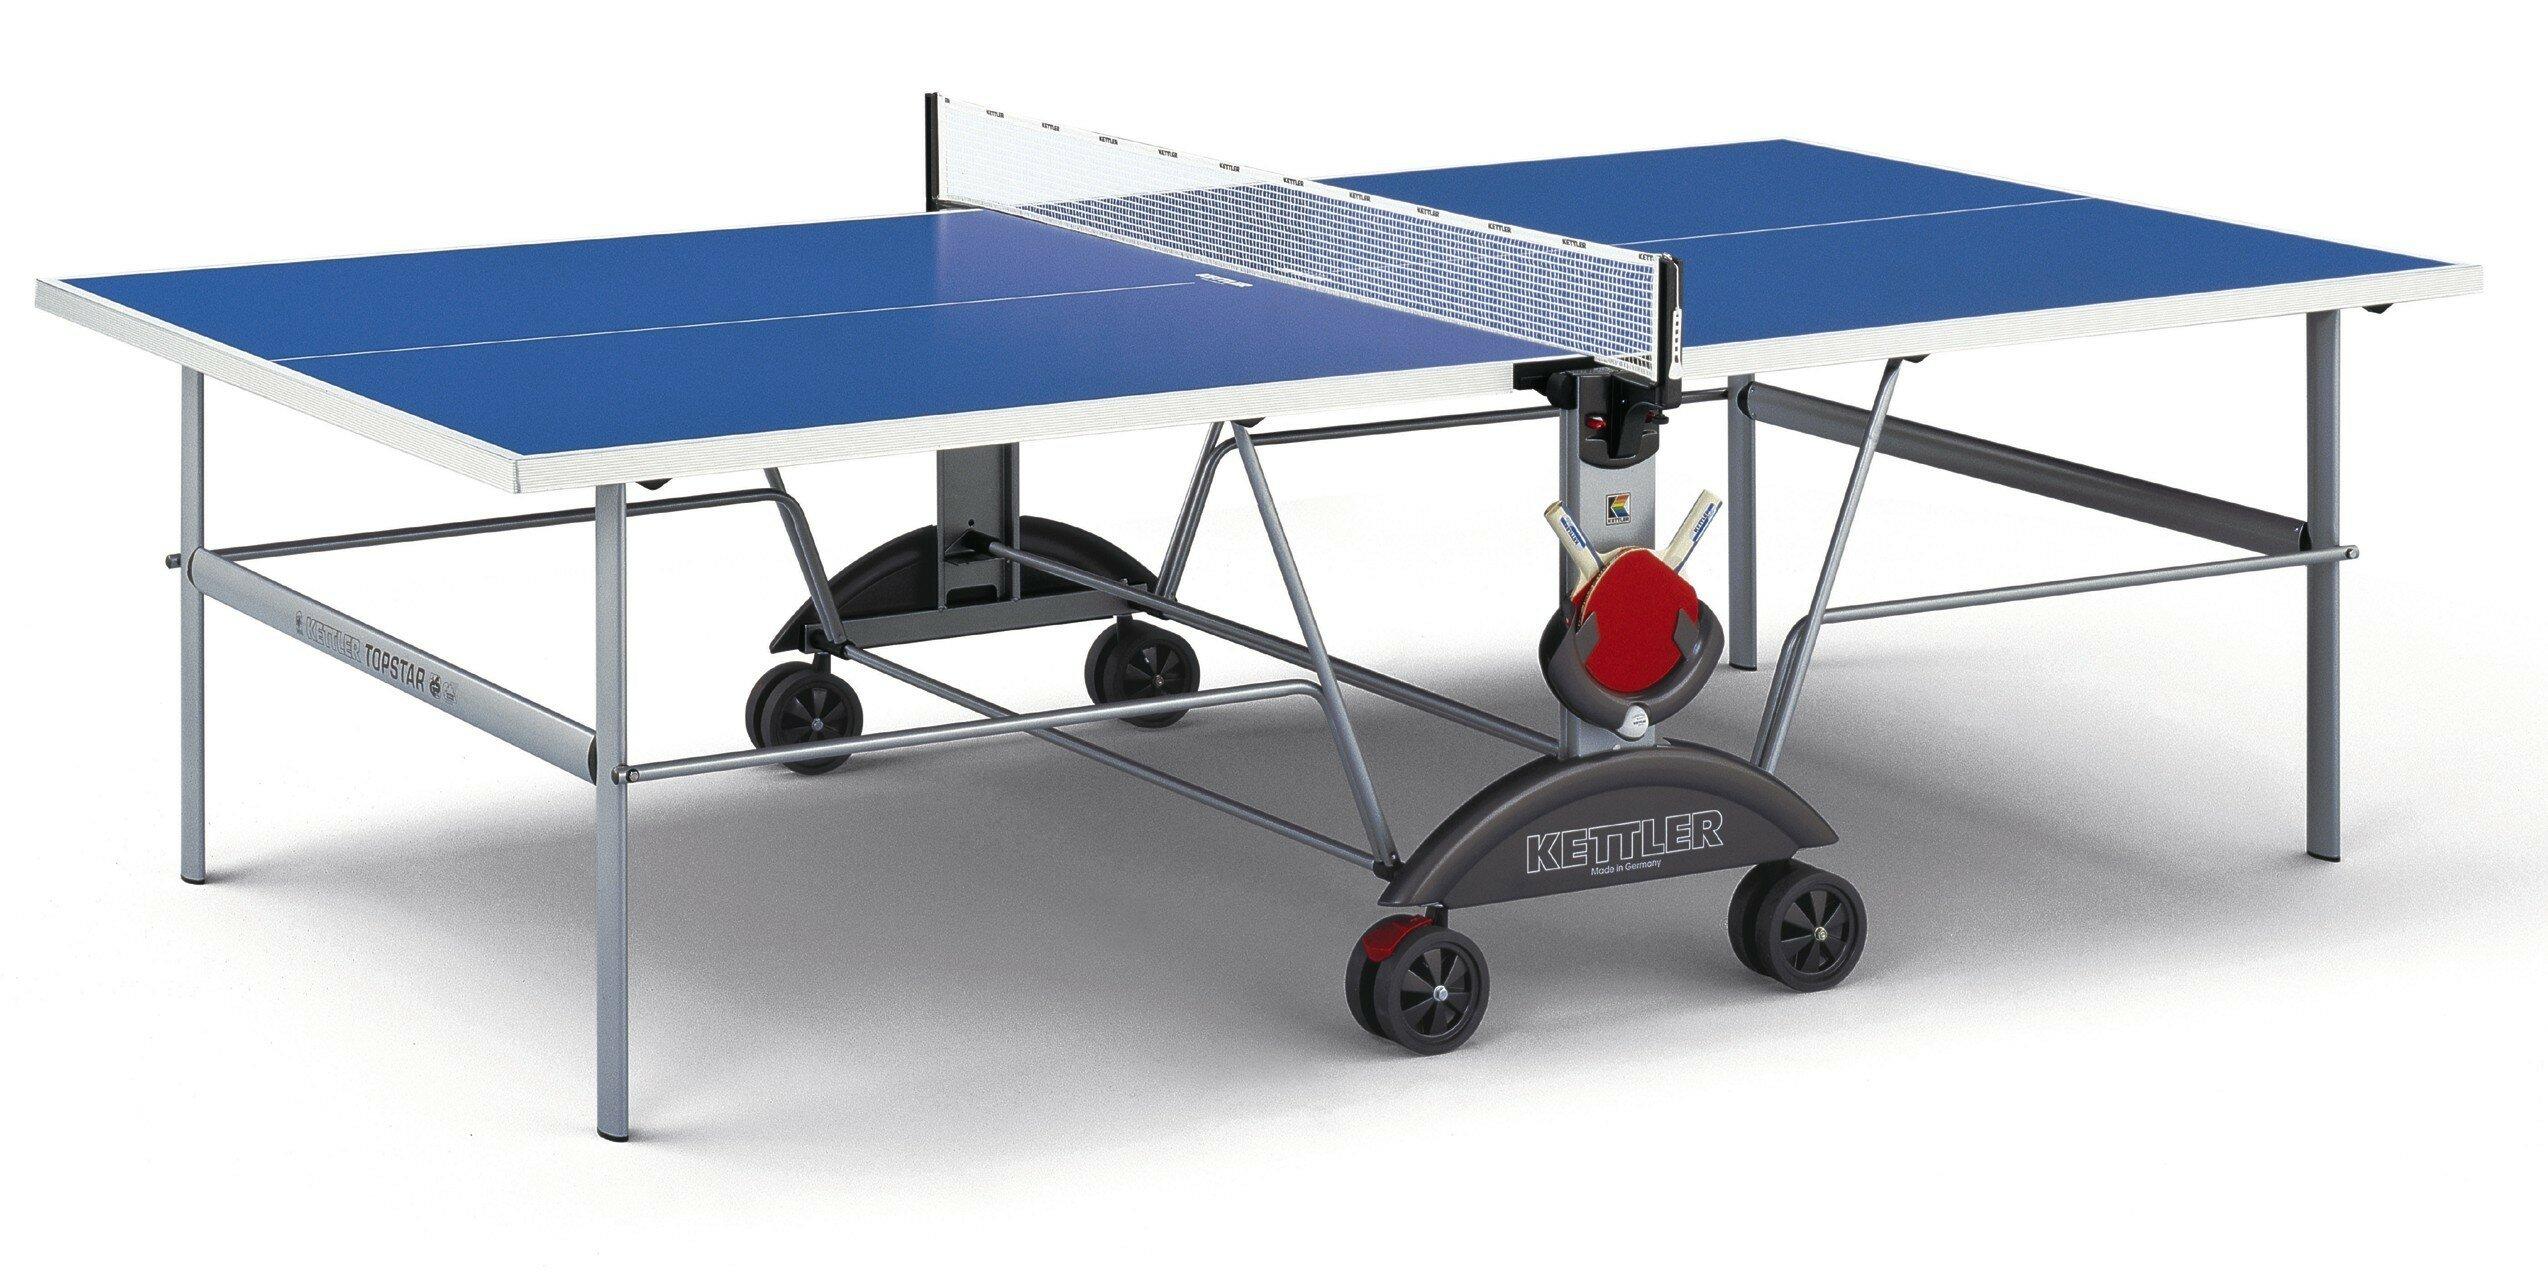 Beau Kettler Top Star XL Weatherproof Table Tennis Table U0026 Reviews | Wayfair